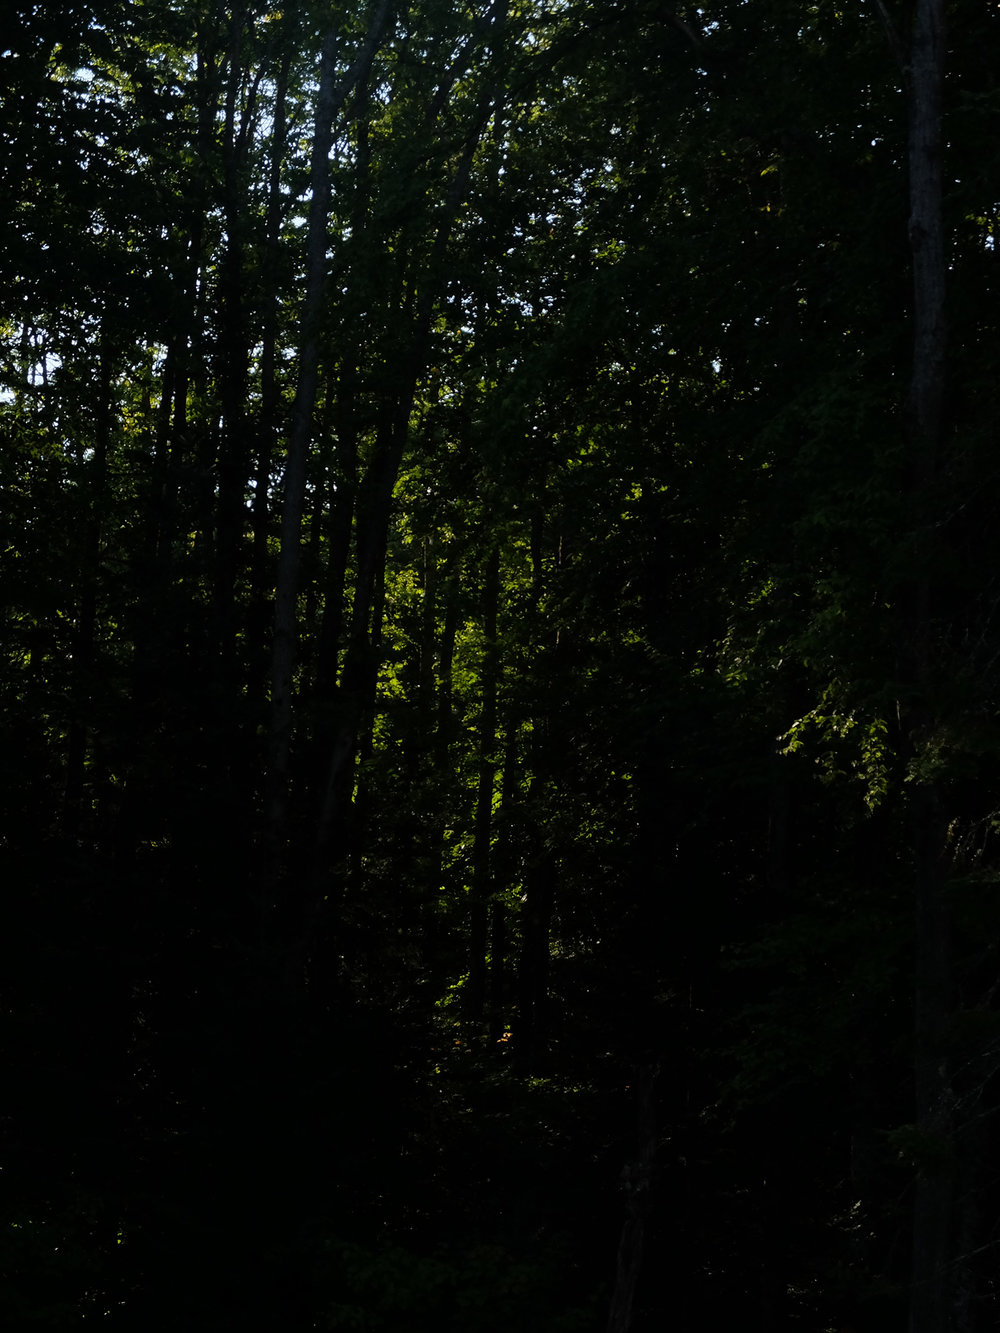 21 - dark forest.jpg